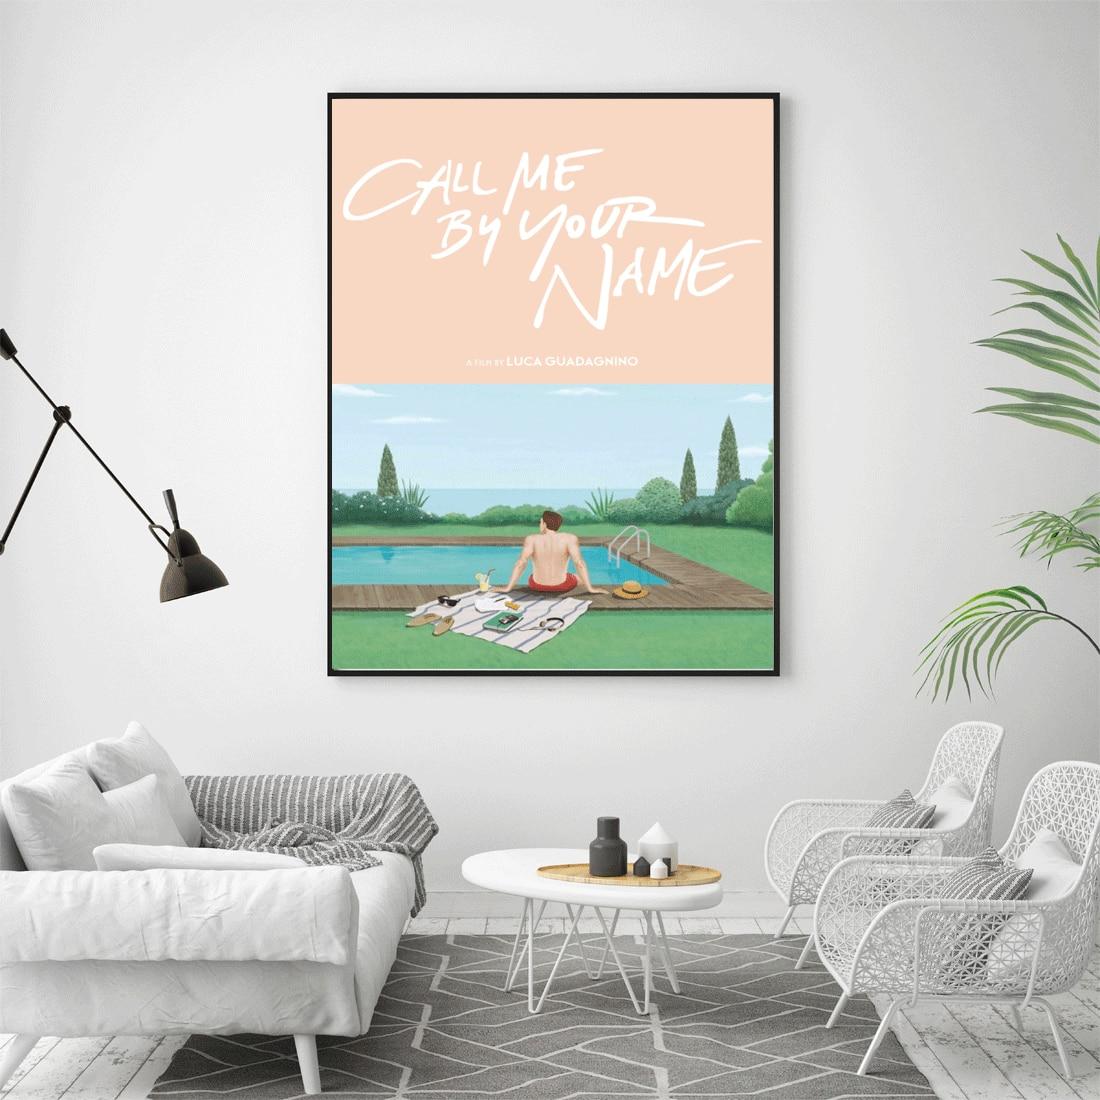 M067 me llamas por tu nombre cartel de película caliente arte lienzo decoración impresión imágenes 24x36 27x40 inchcustom pared pintura de seda